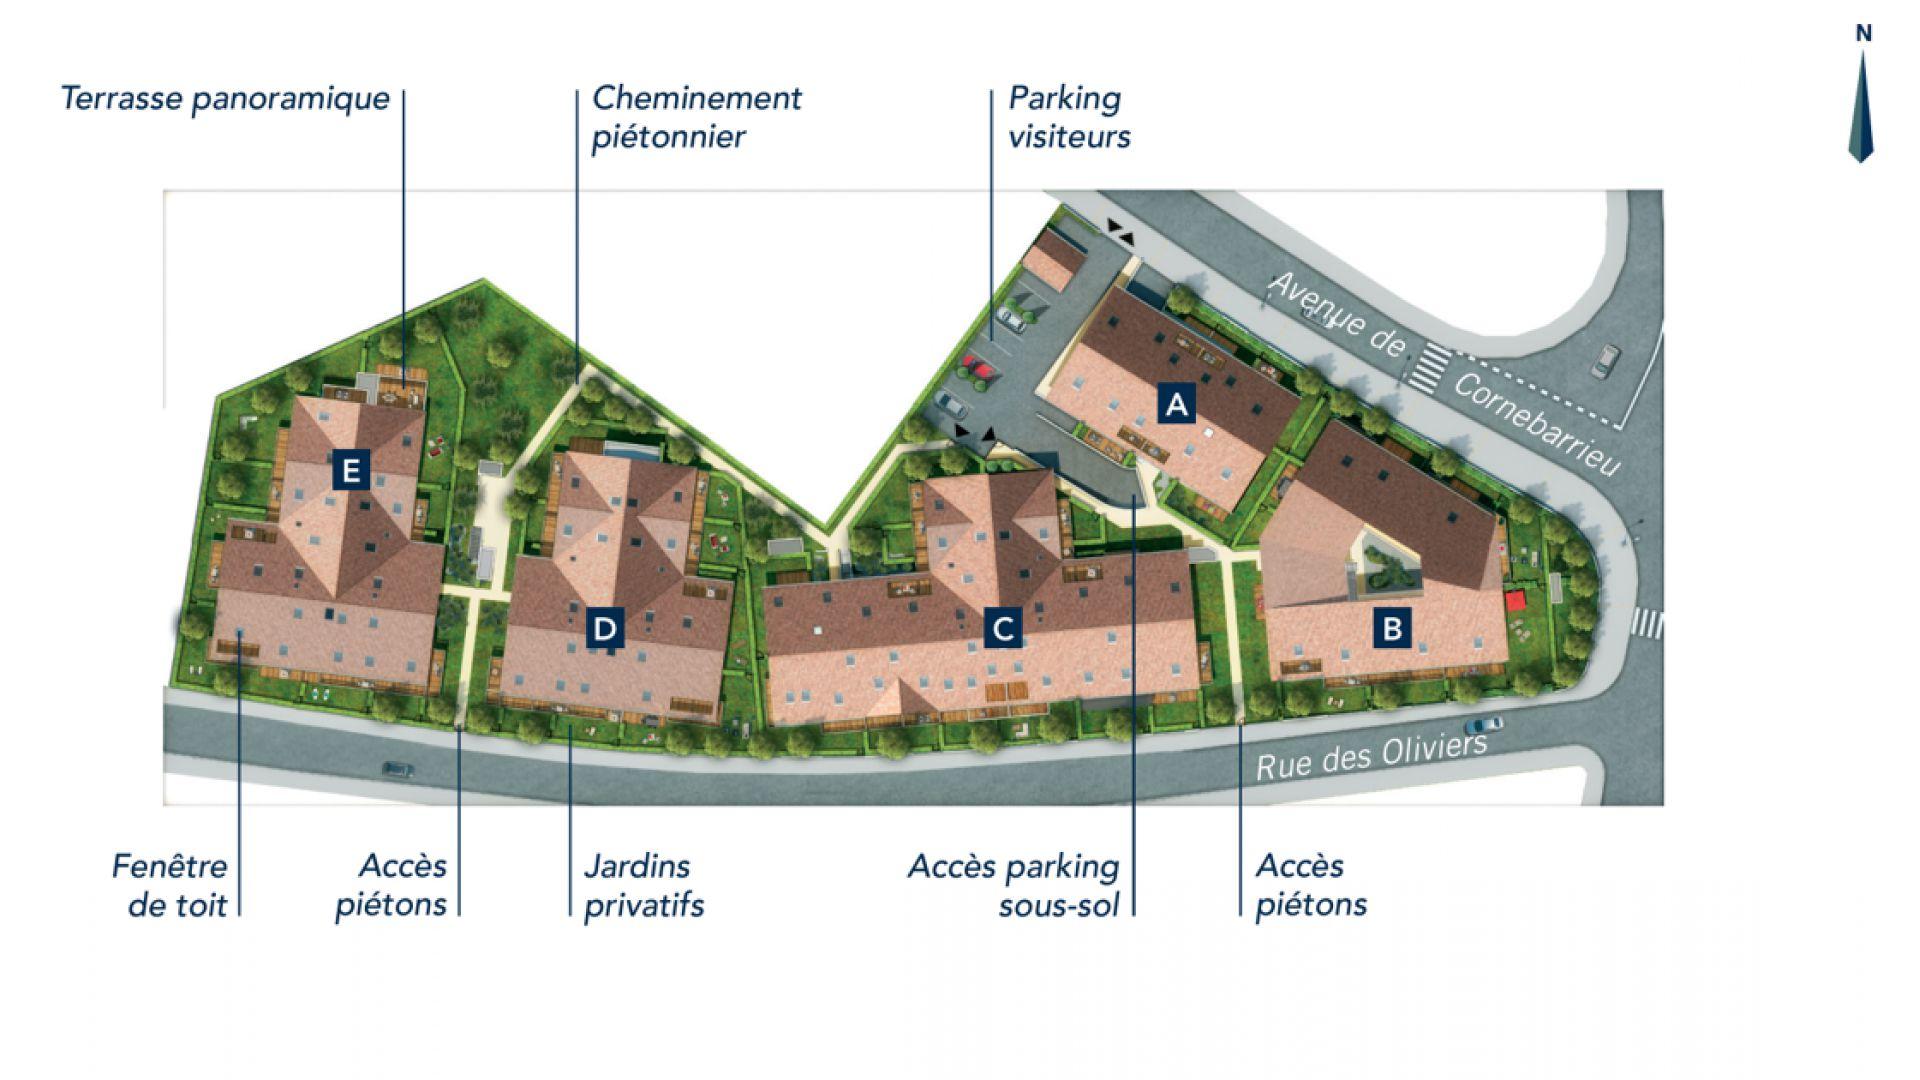 GreenCity immobilier - Clos Cassandre - 31700 Blagnac - appartements neufs du T1Bis au T5Duplex - plan de masse